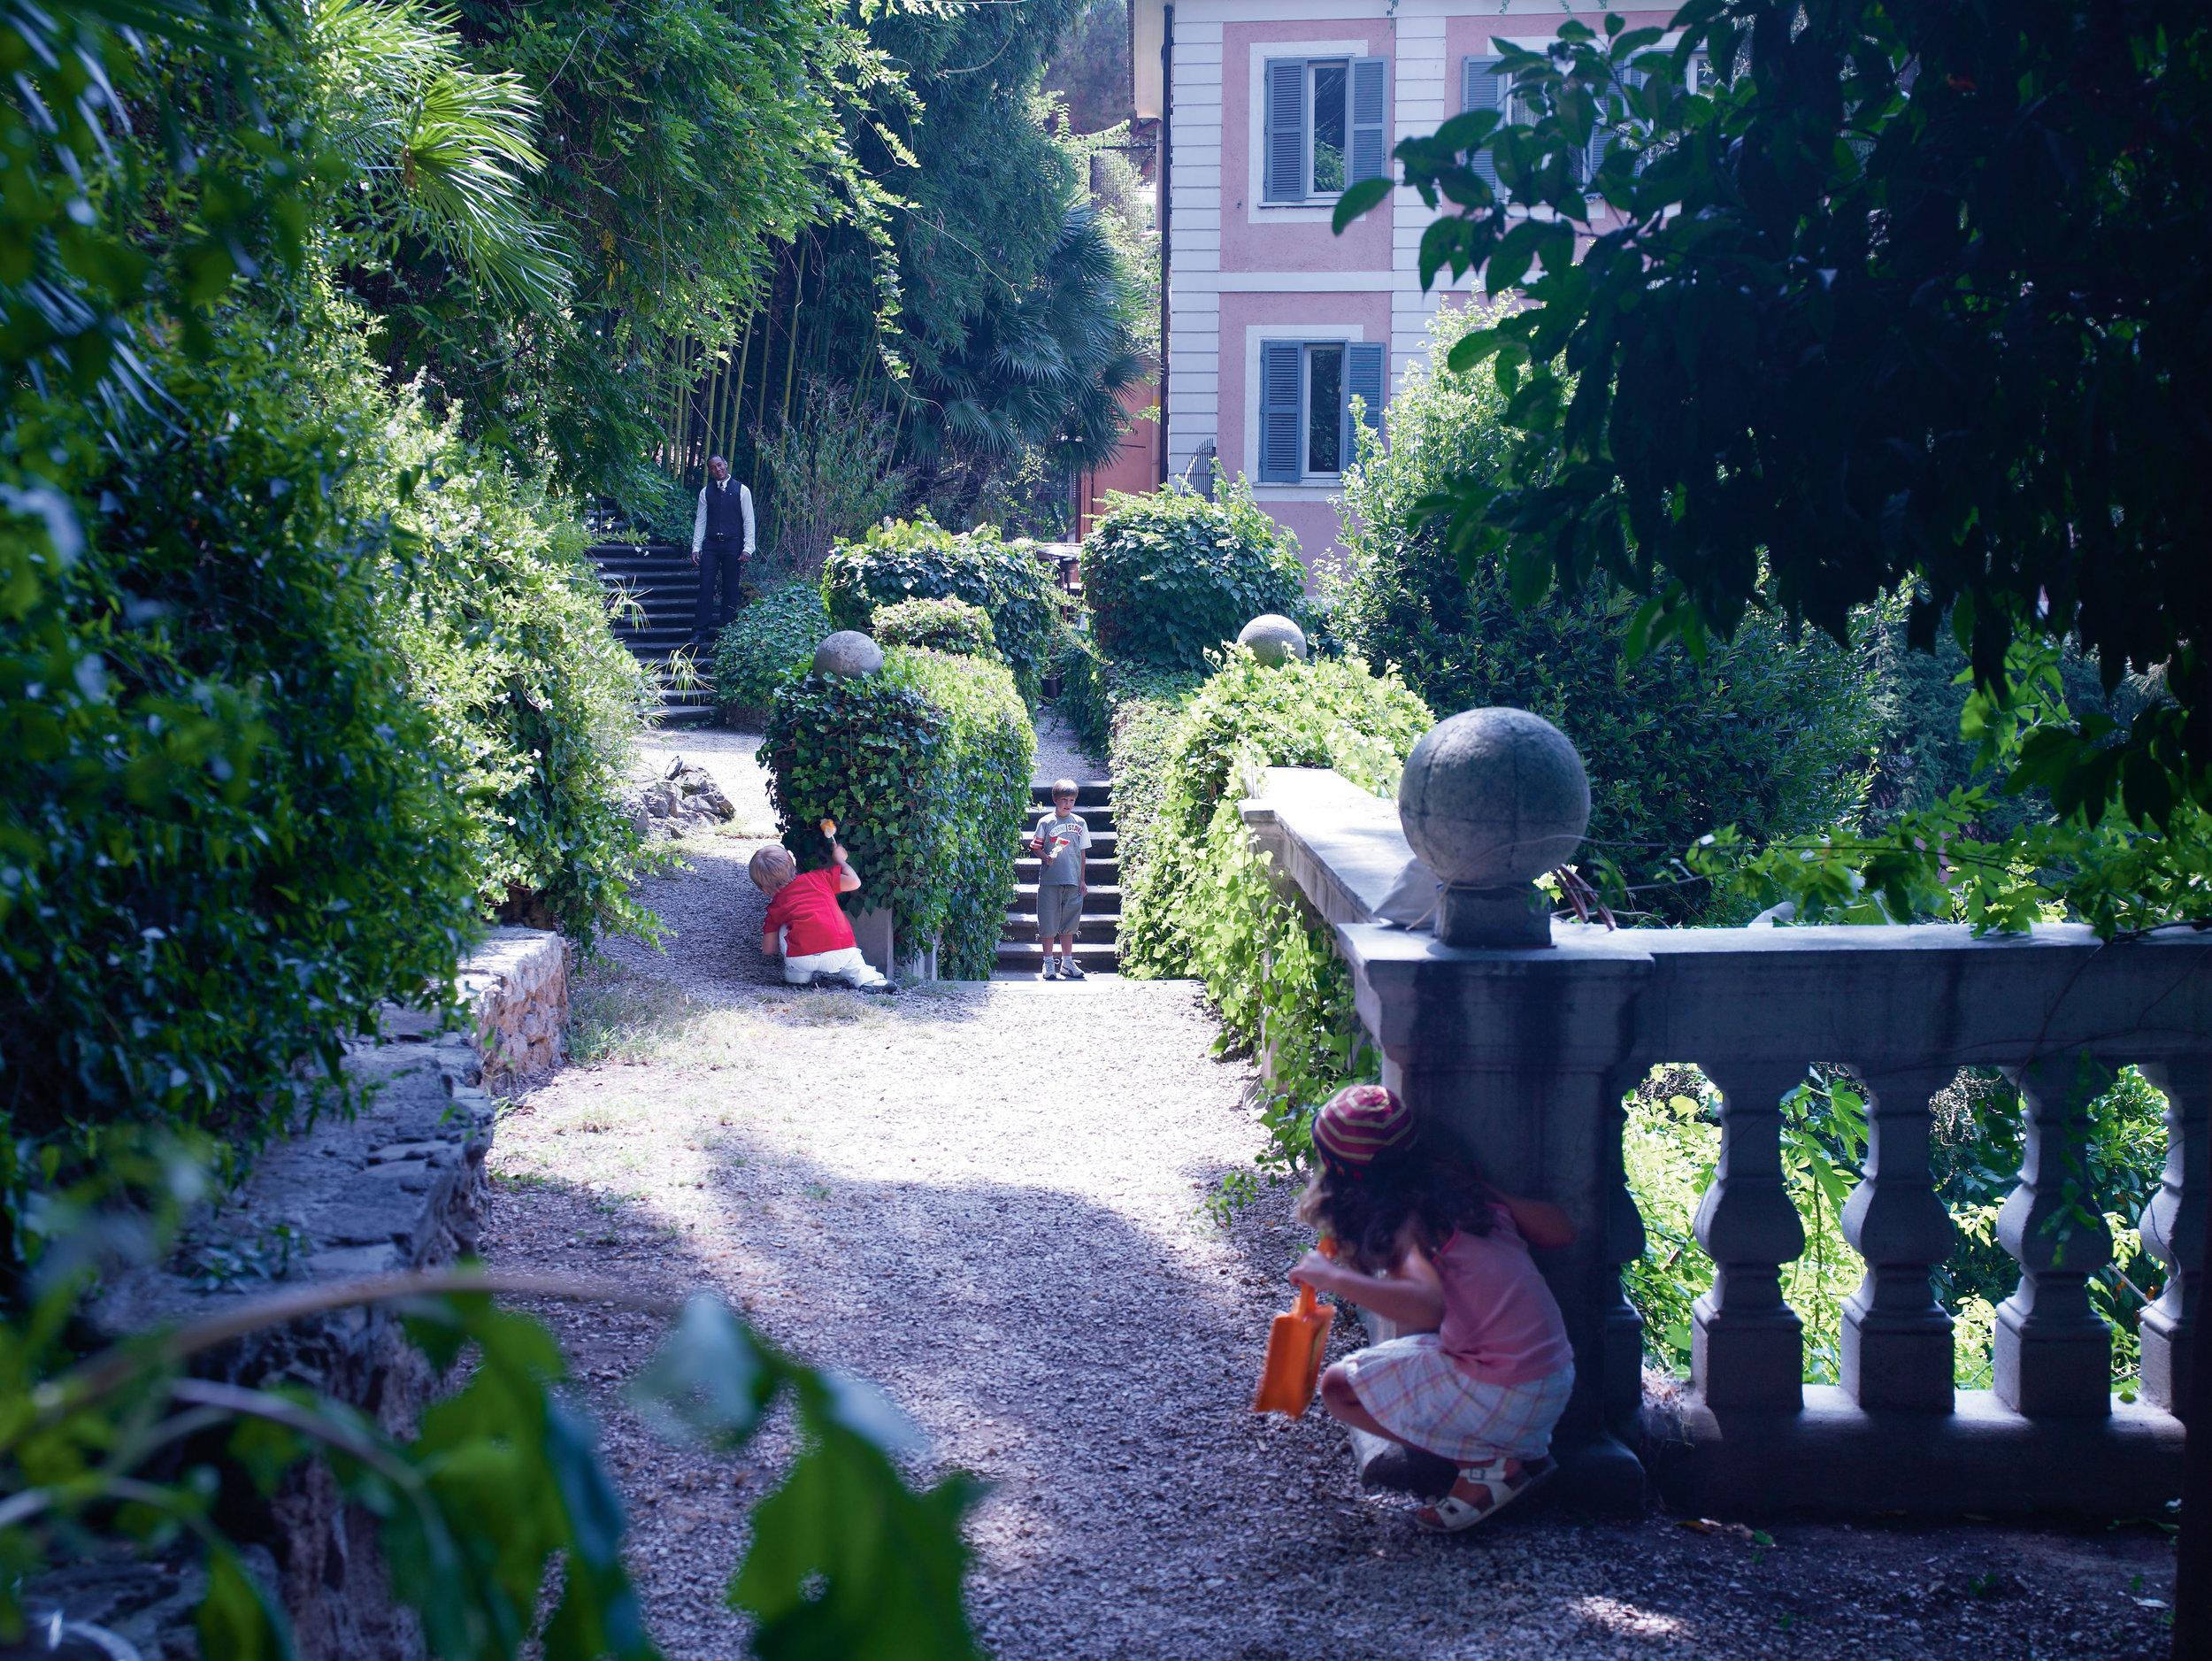 10A Hotel de Russie - children in Secret Garden A Houston.jpg